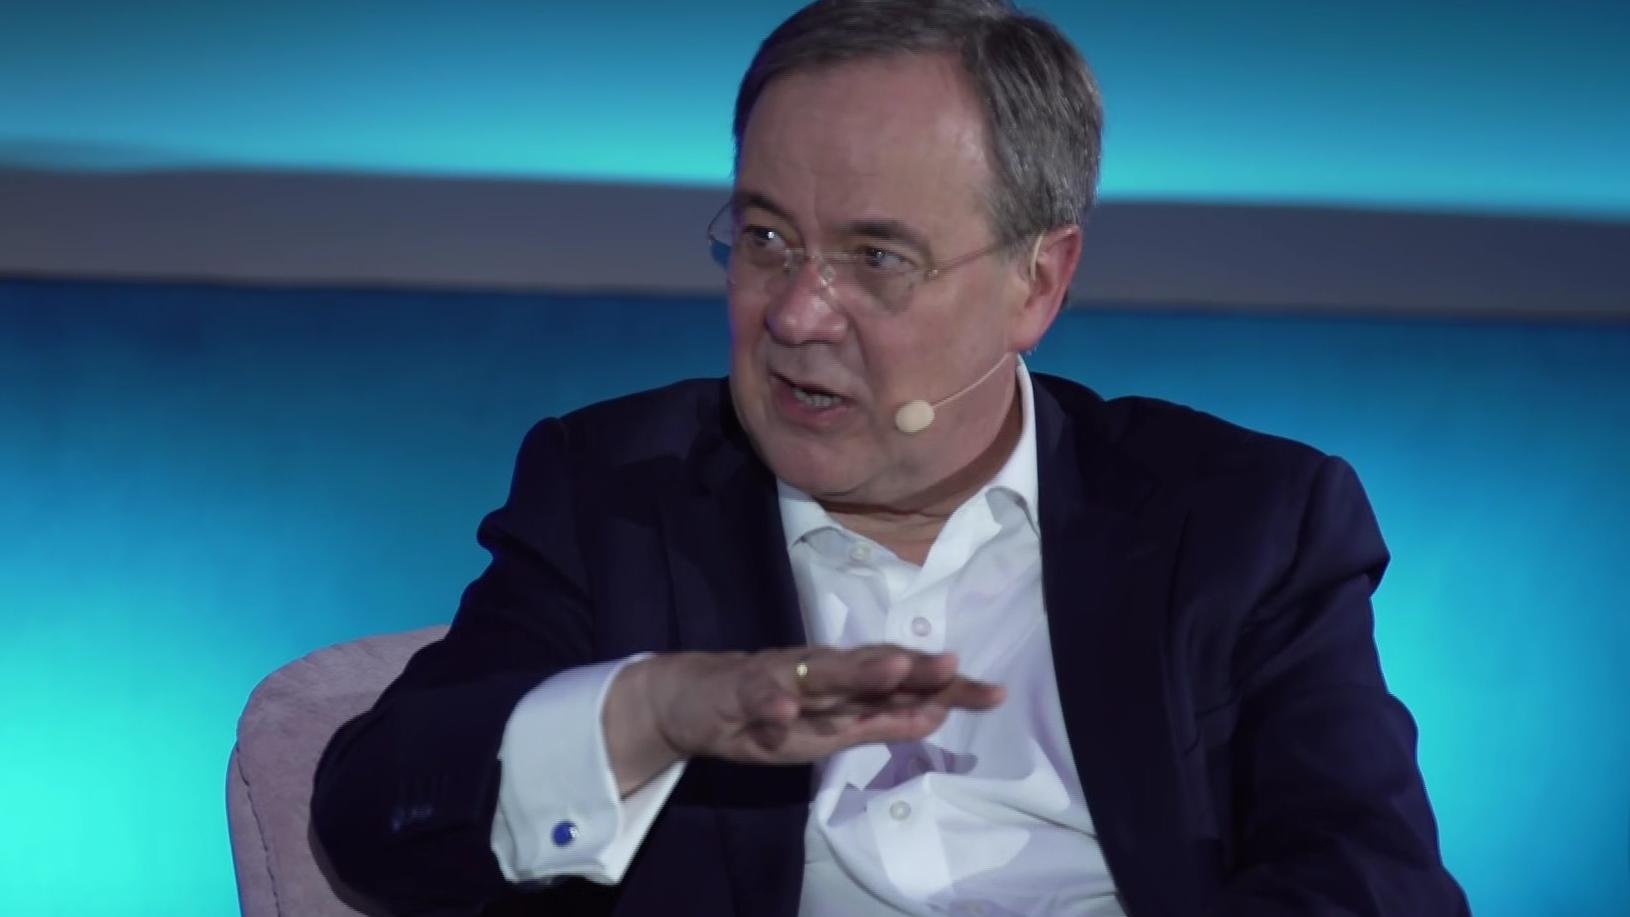 Unions-Kanzlerkandidat Armin Laschet verurteilt Attentat ...